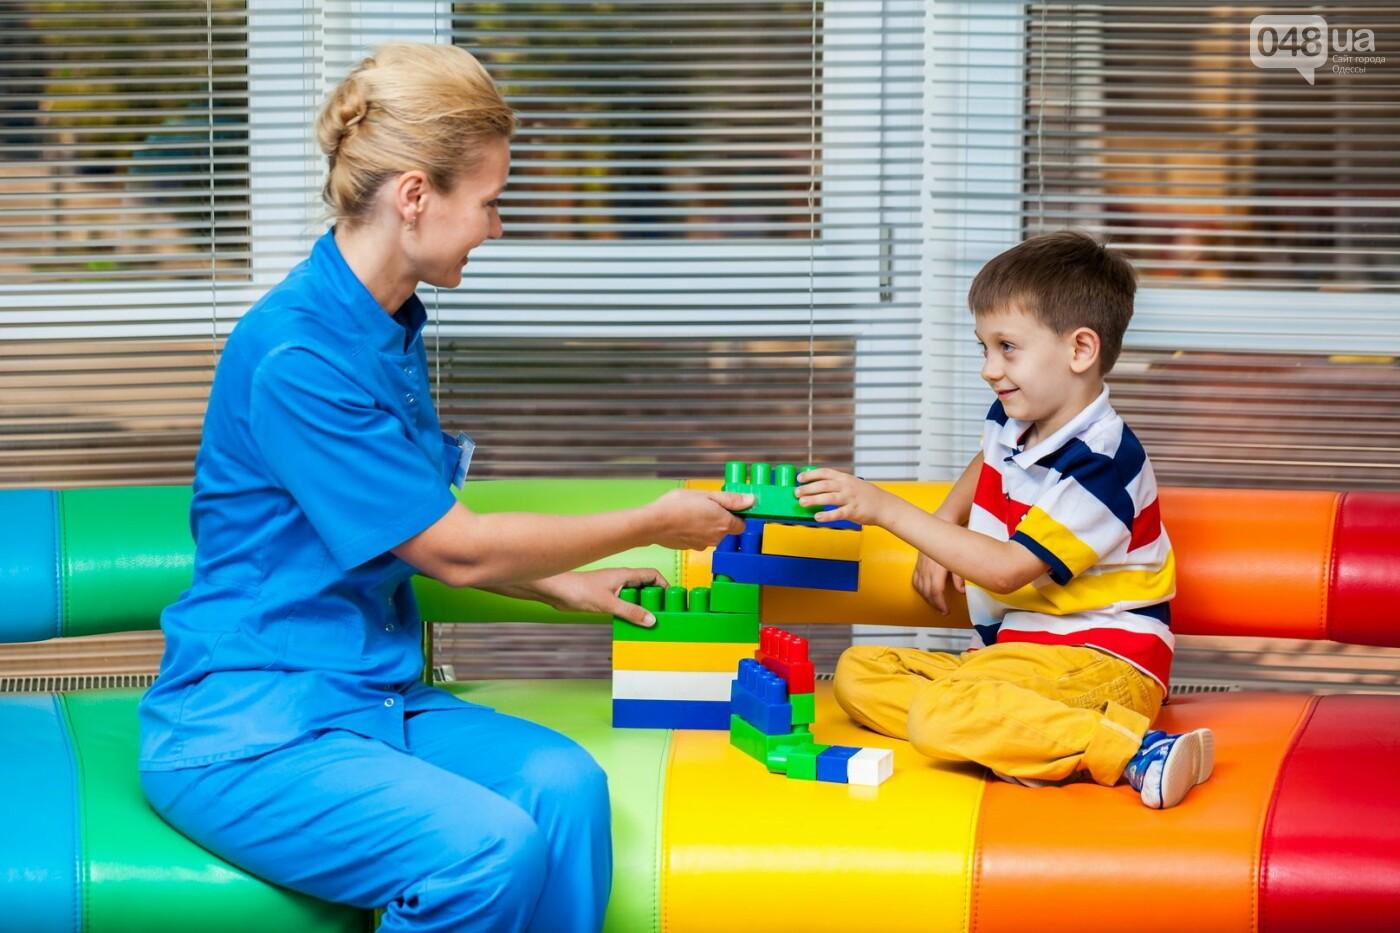 Аппаратные процедуры для глаз: игра и лечение!, фото-1